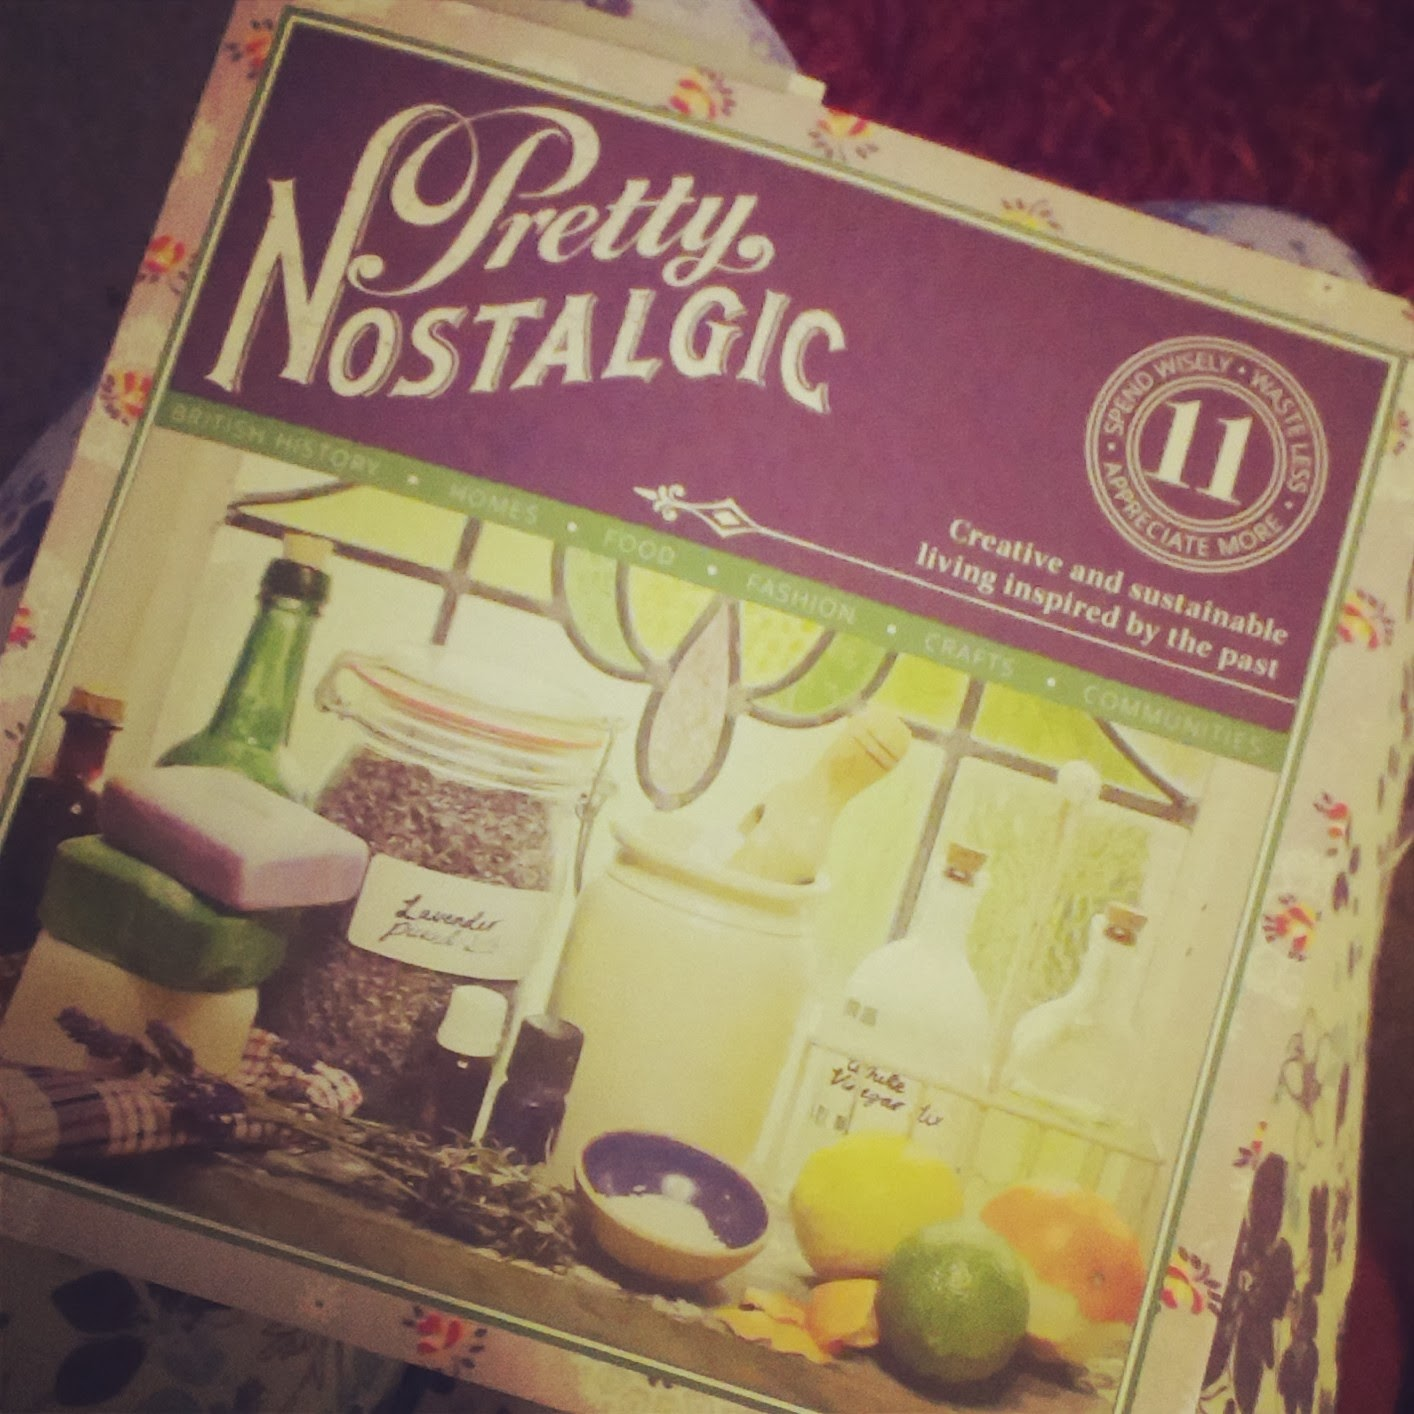 Pretty Nostalgic magazine